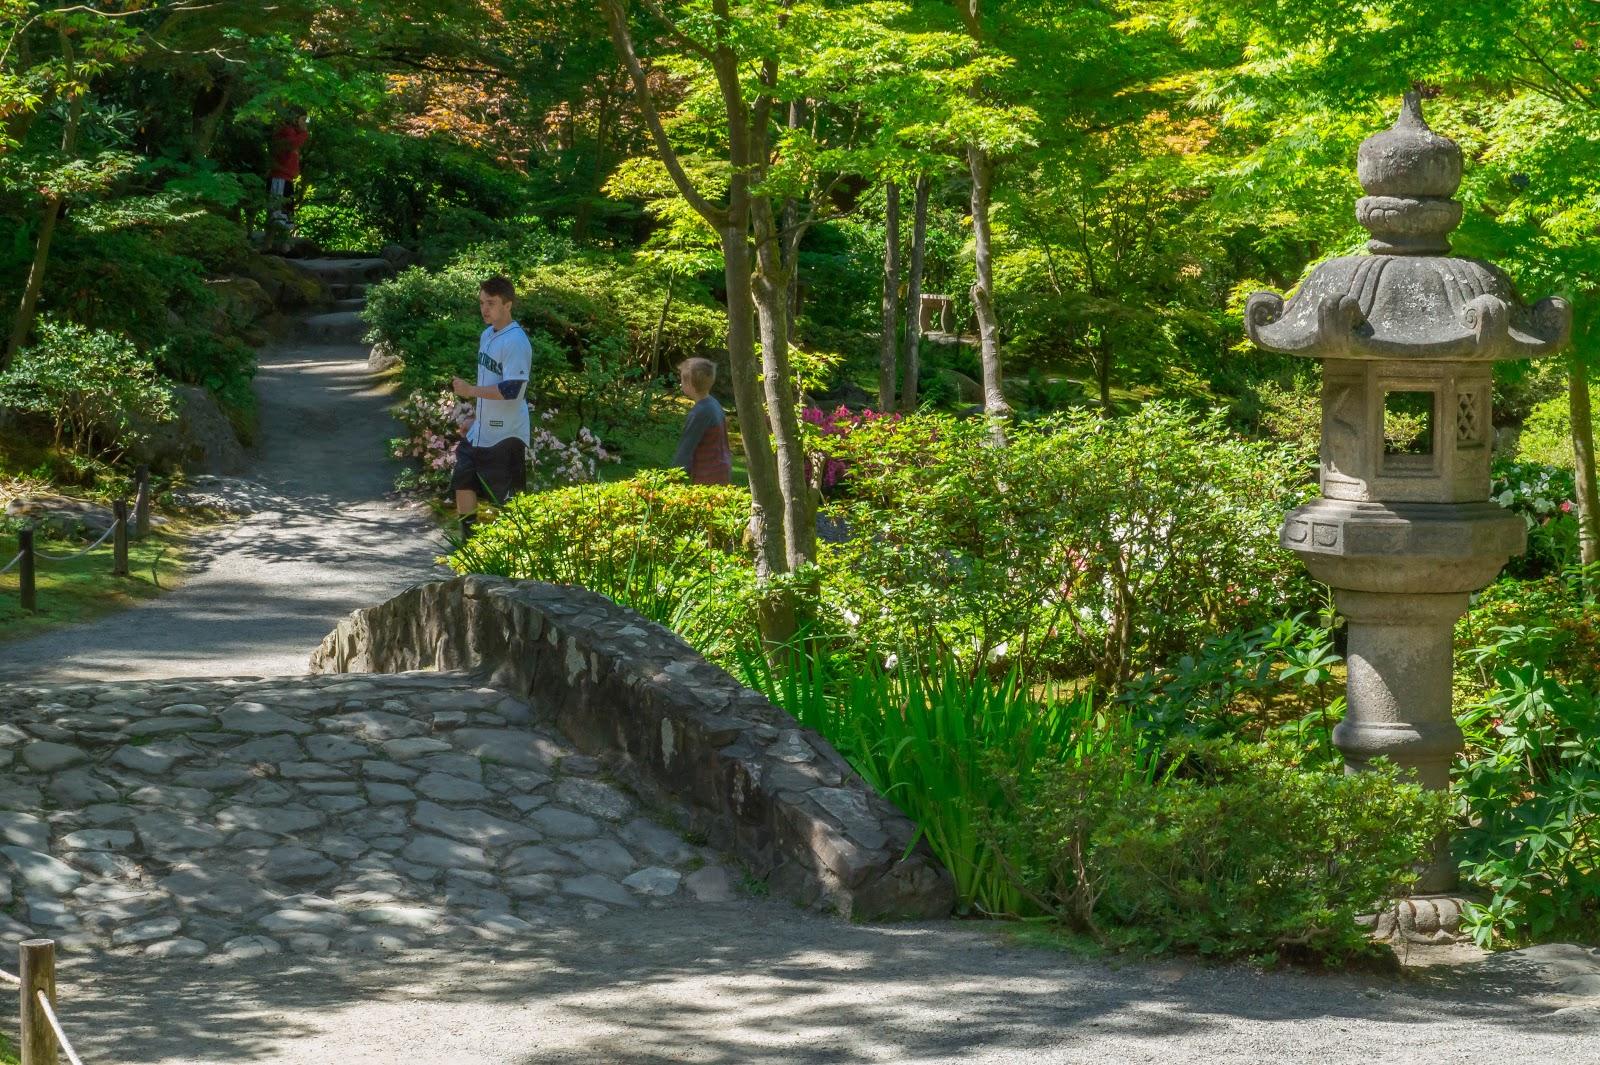 Японский сад в Washington Park Arboretum